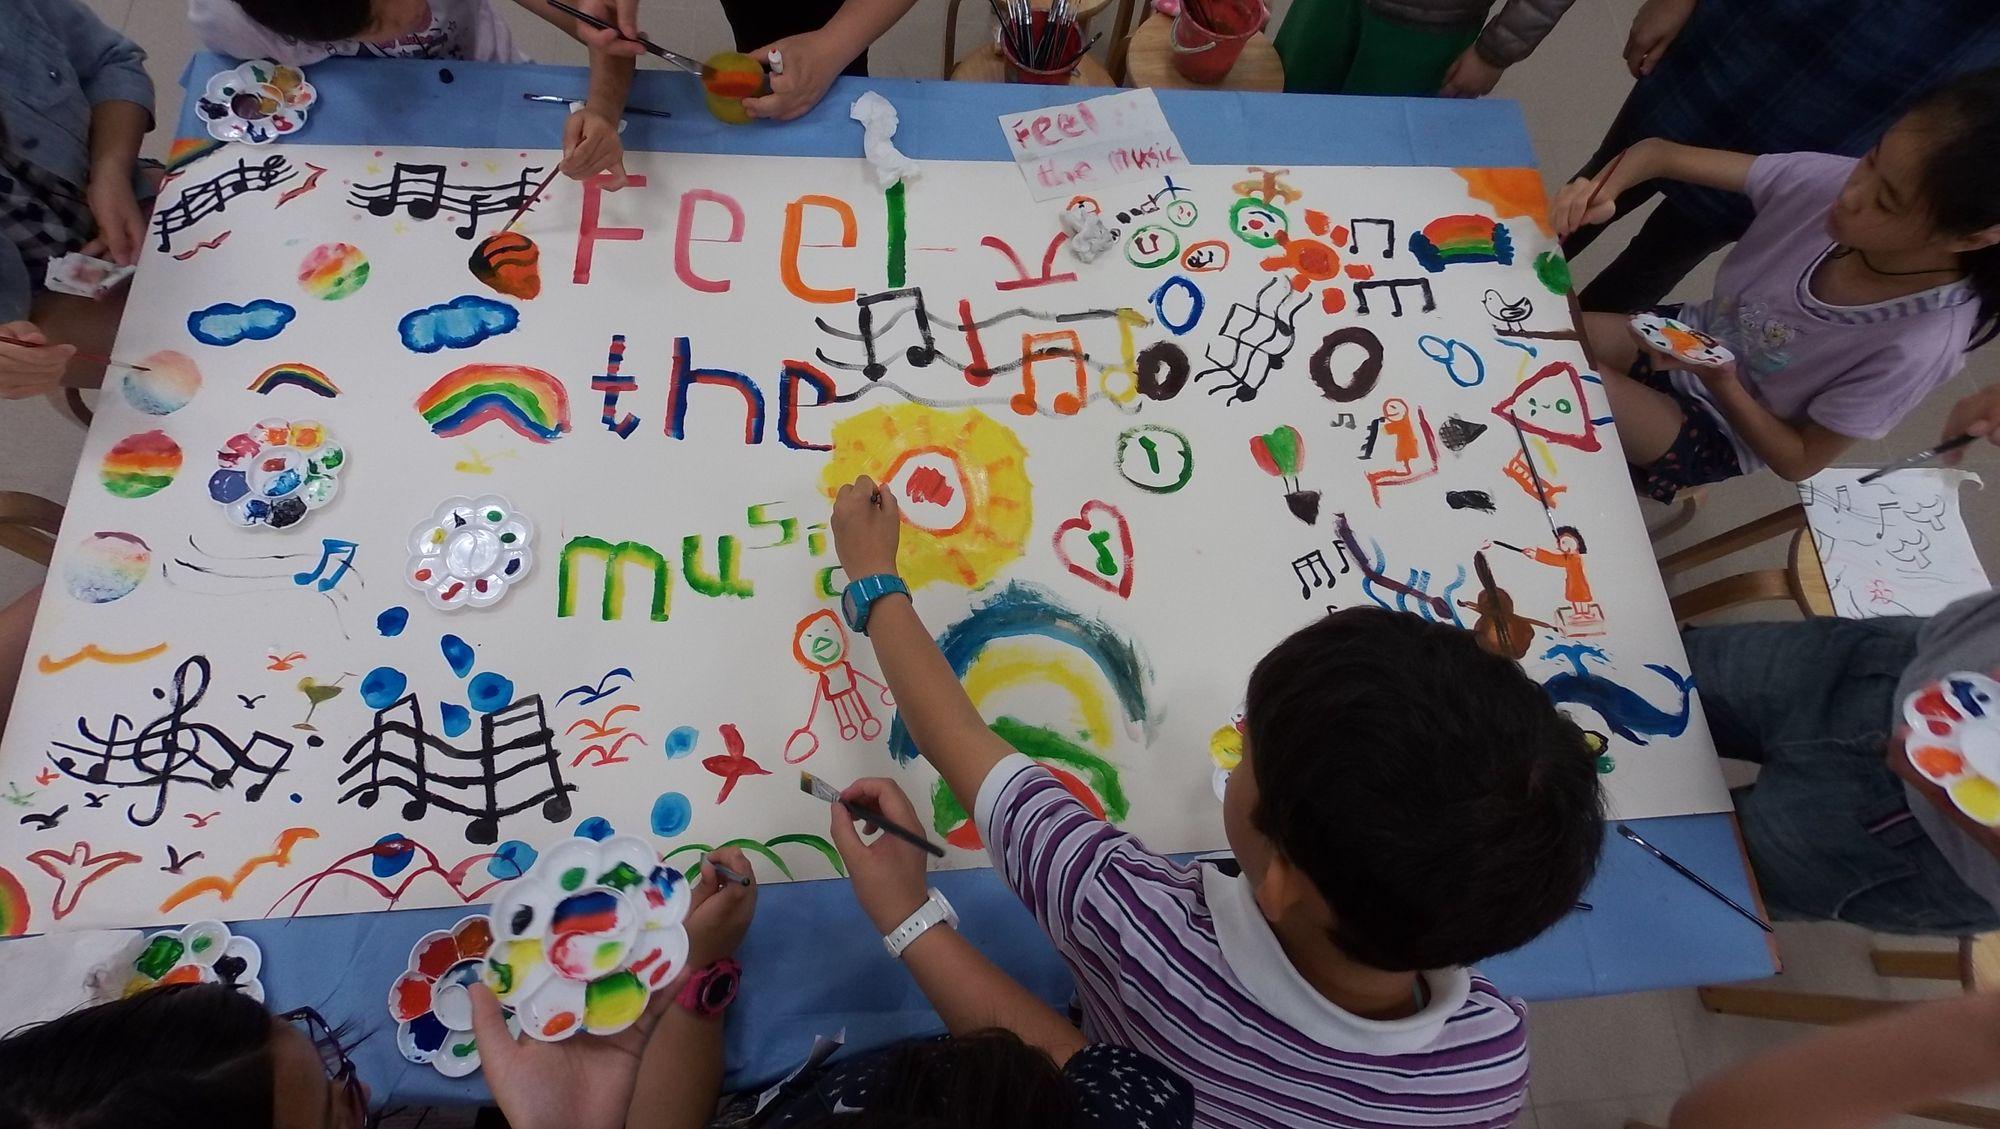 完成音樂工作坊和樂團工作坊後,同學在繪畫工作坊將整個音樂經驗以圖畫表達出來。